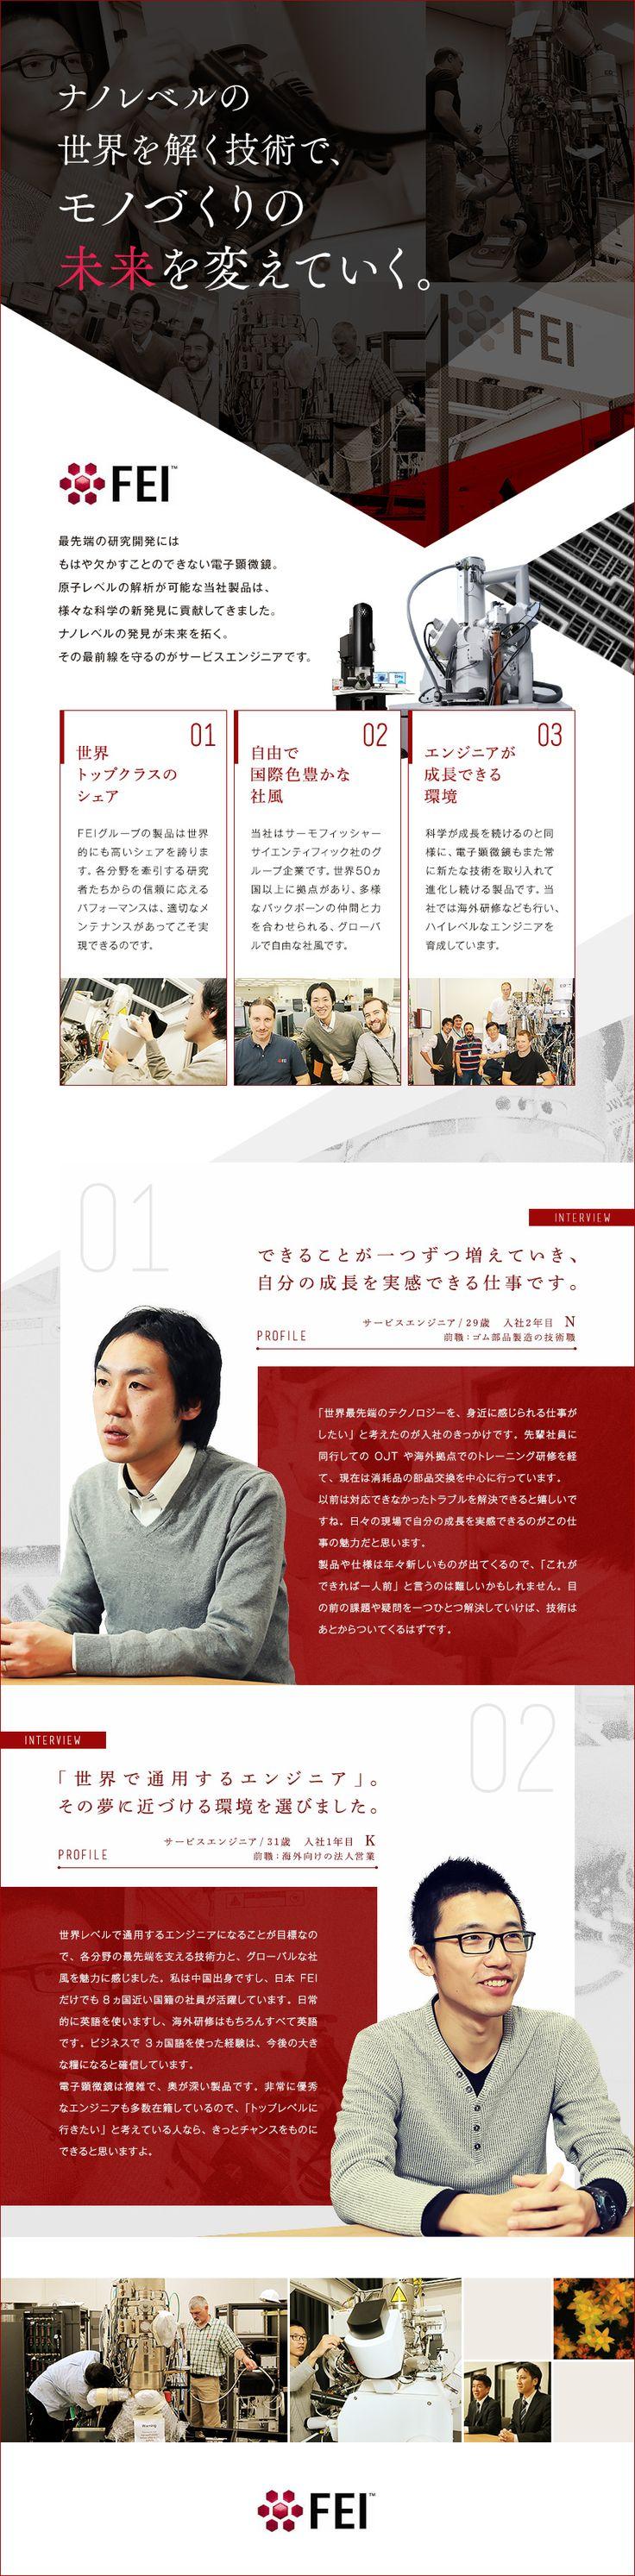 日本エフイー・アイ株式会社/サービスエンジニア/世界トップクラスのシェアを誇る「電子顕微鏡」で世界中の研究・開発に貢献するの求人PR - 転職ならDODA(デューダ)